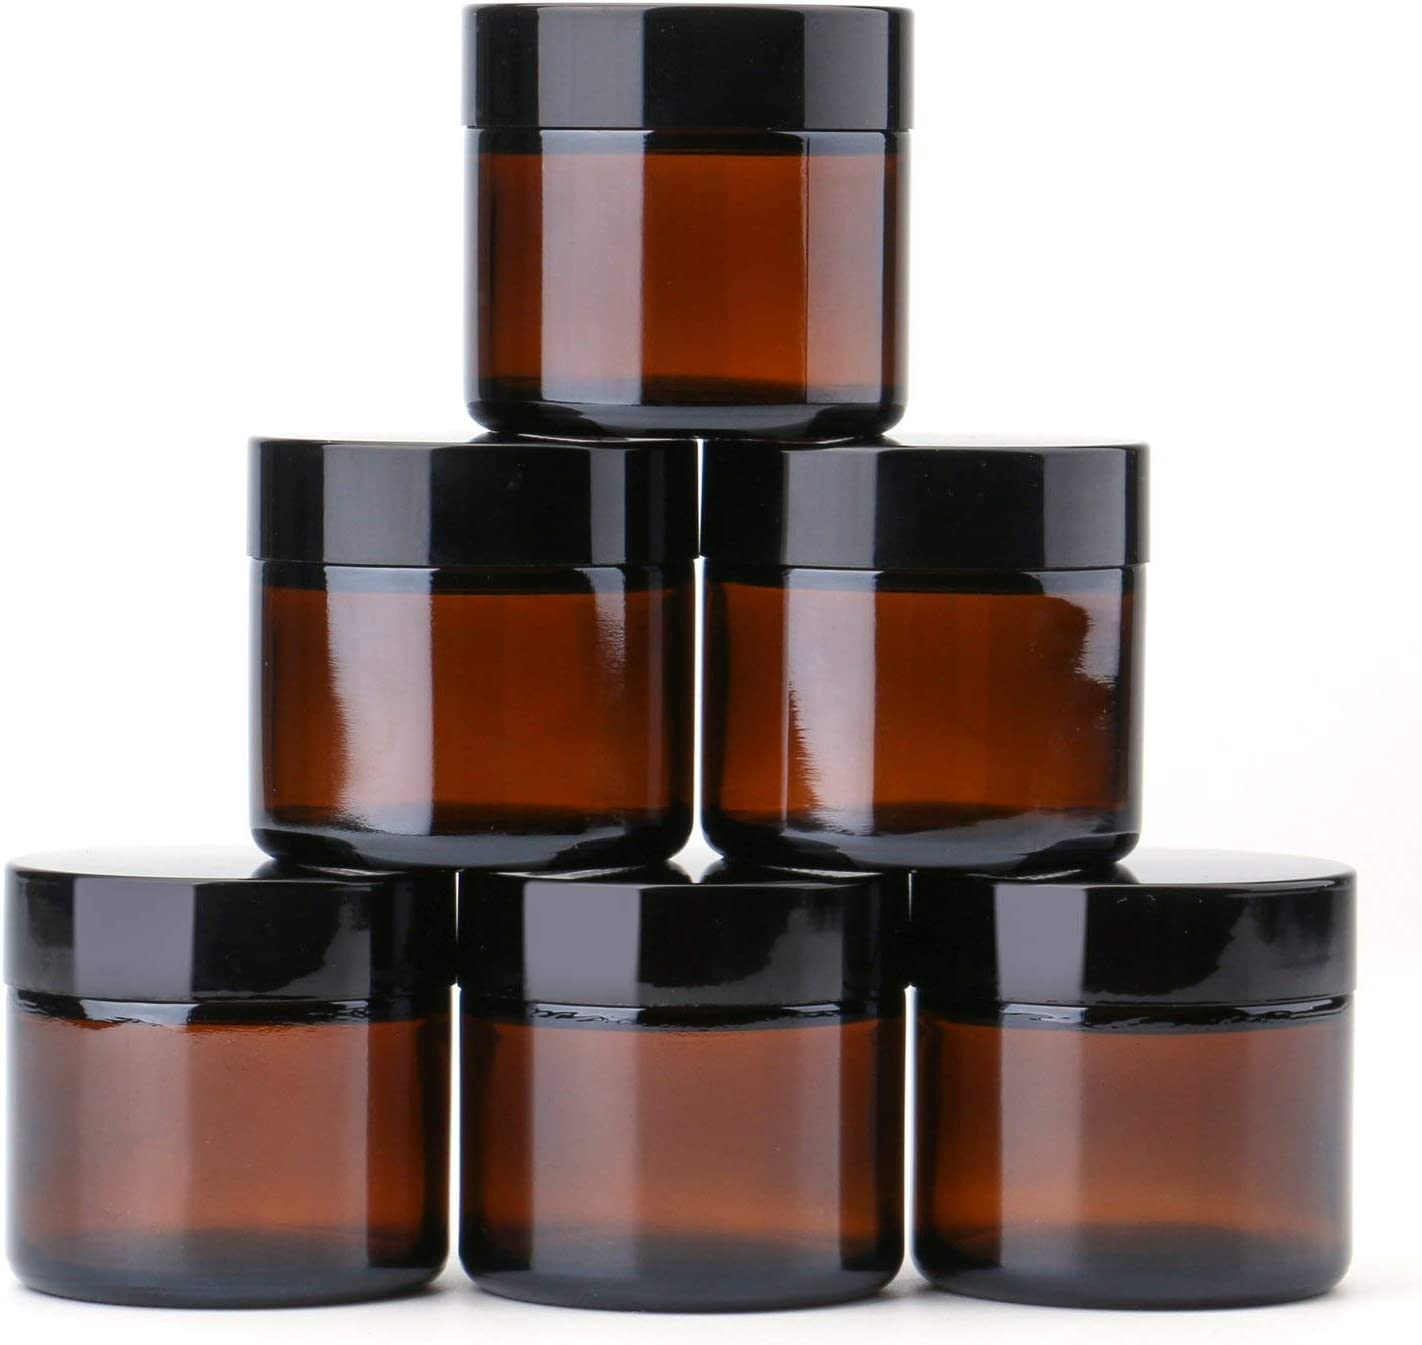 THETIS Frascos de Vidrio Redondos de 60ml (6 Paquete de) - Envases Cosméticos Vacíos con Forros Interiores, Tapas Negras y Frascos de Muestras de Vidrio con Etiquetas(Amber)